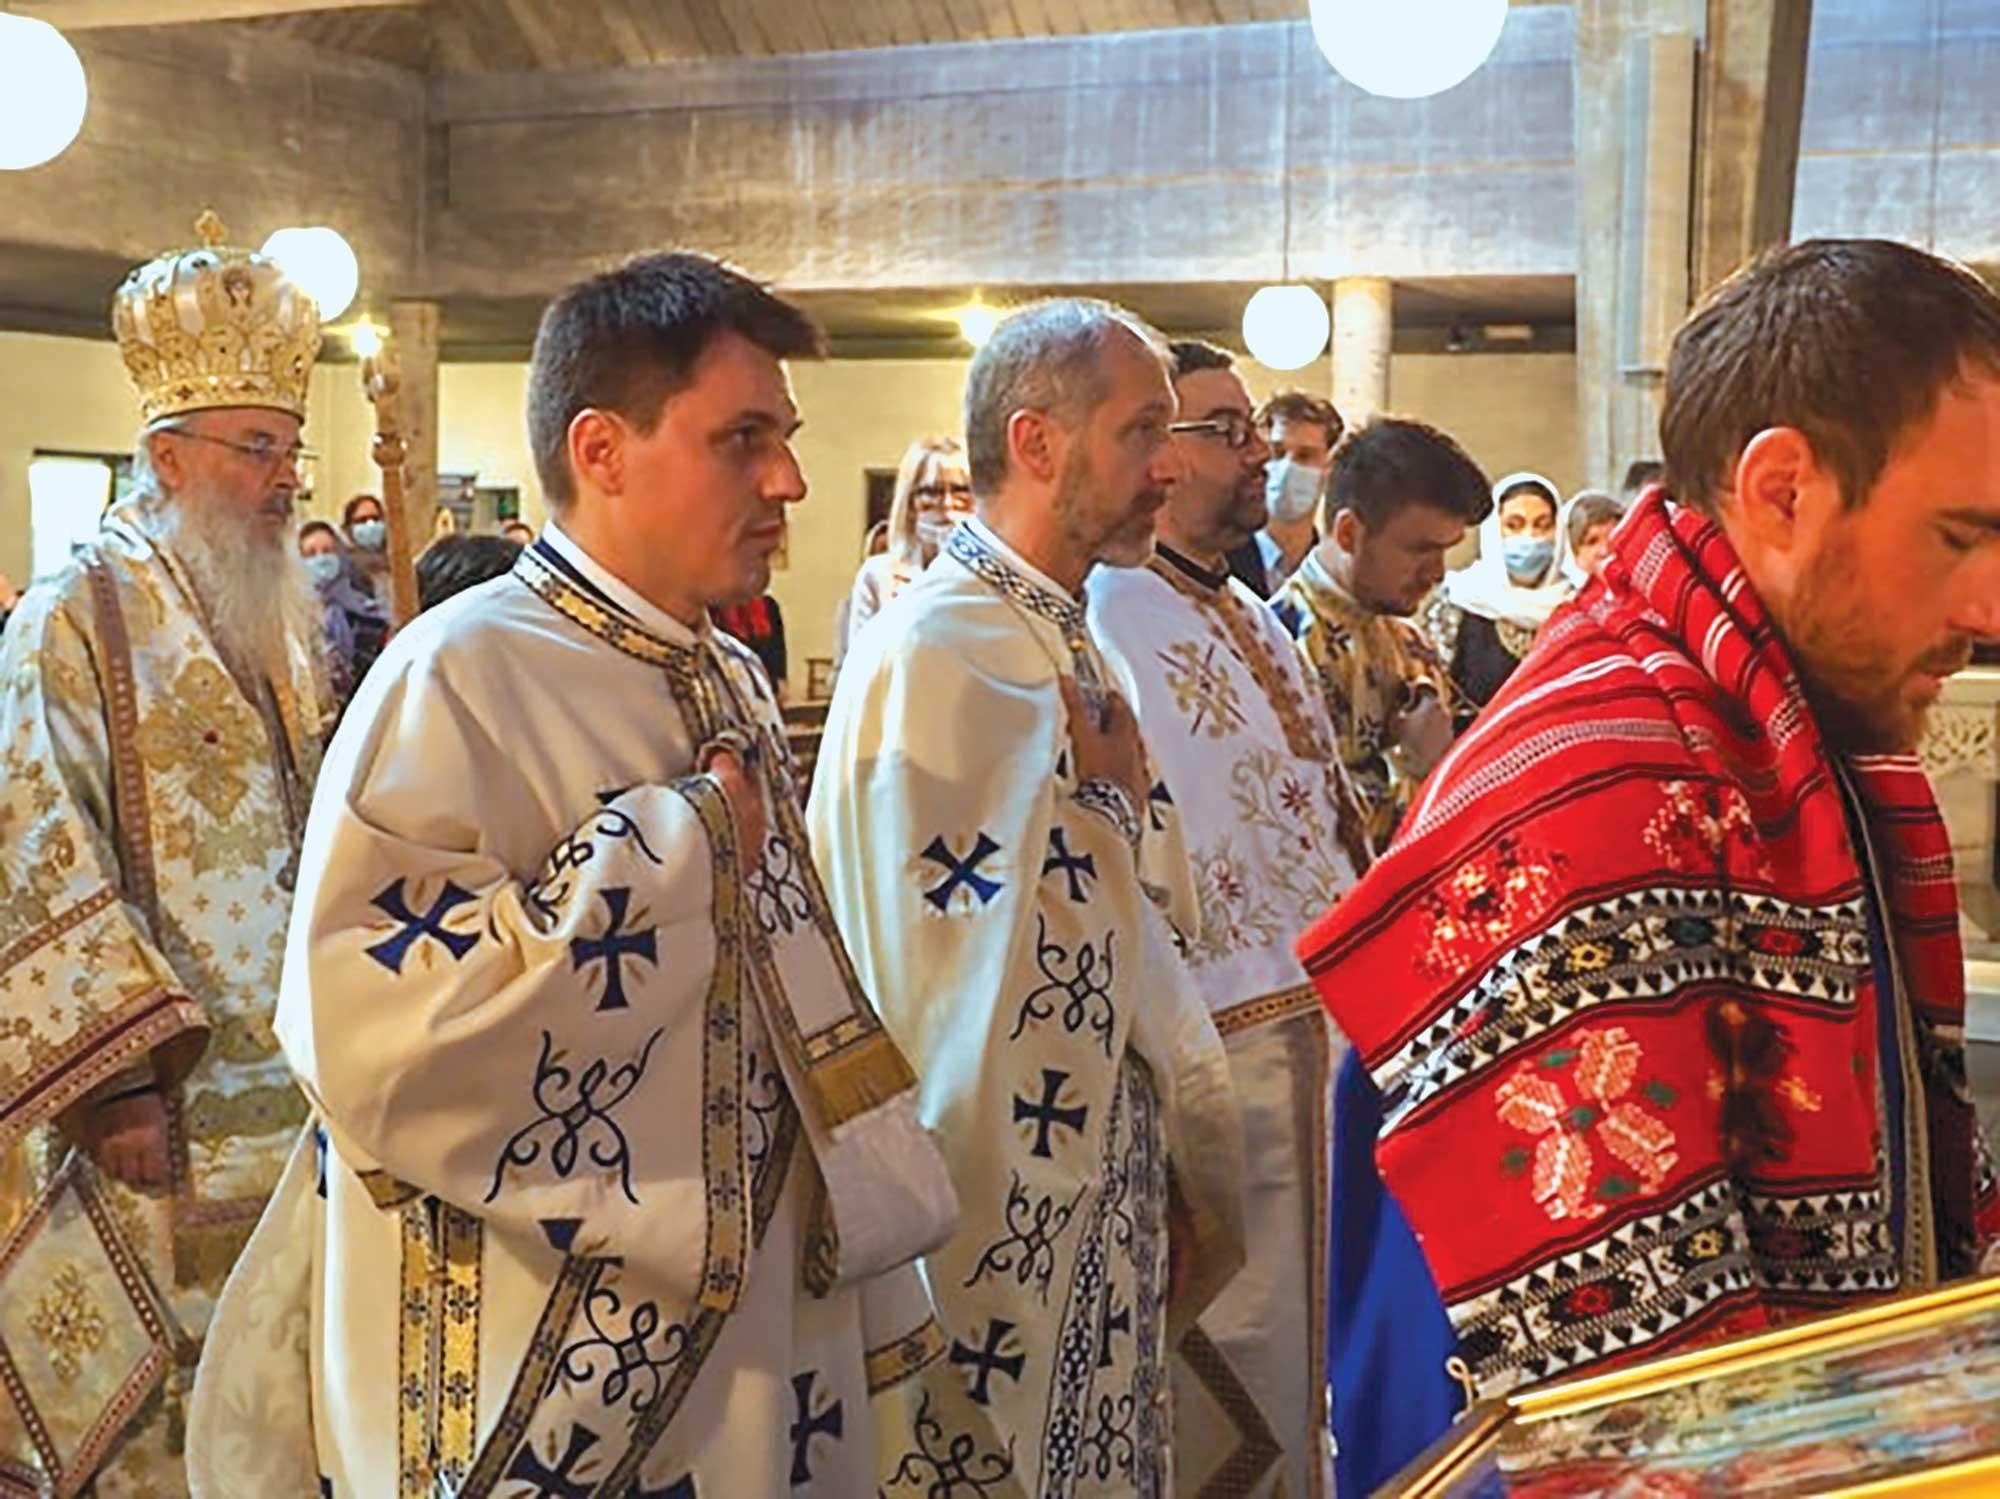 O nouă parohie ortodoxă românească la Köln, Germania